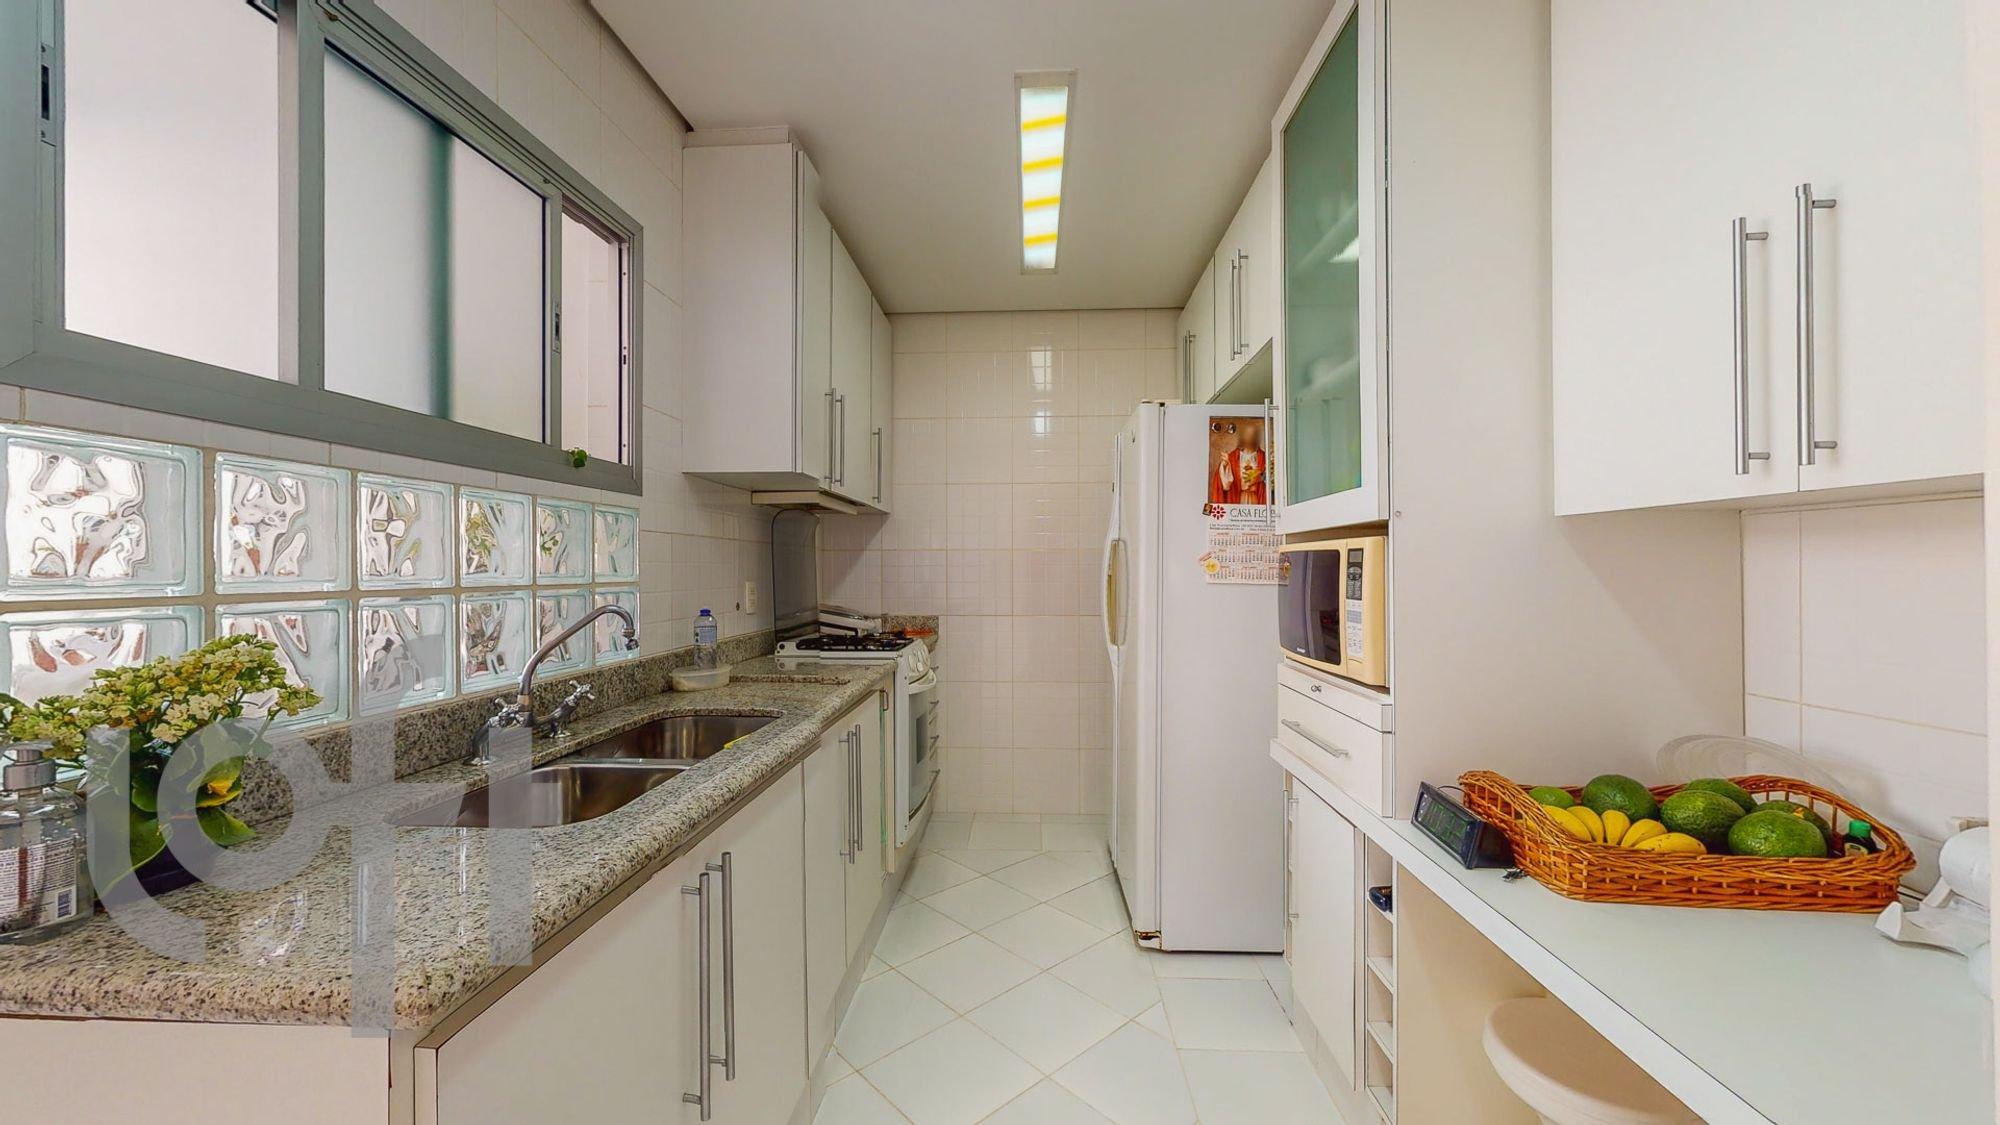 Foto de Cozinha com vaso de planta, garrafa, geladeira, pia, microondas